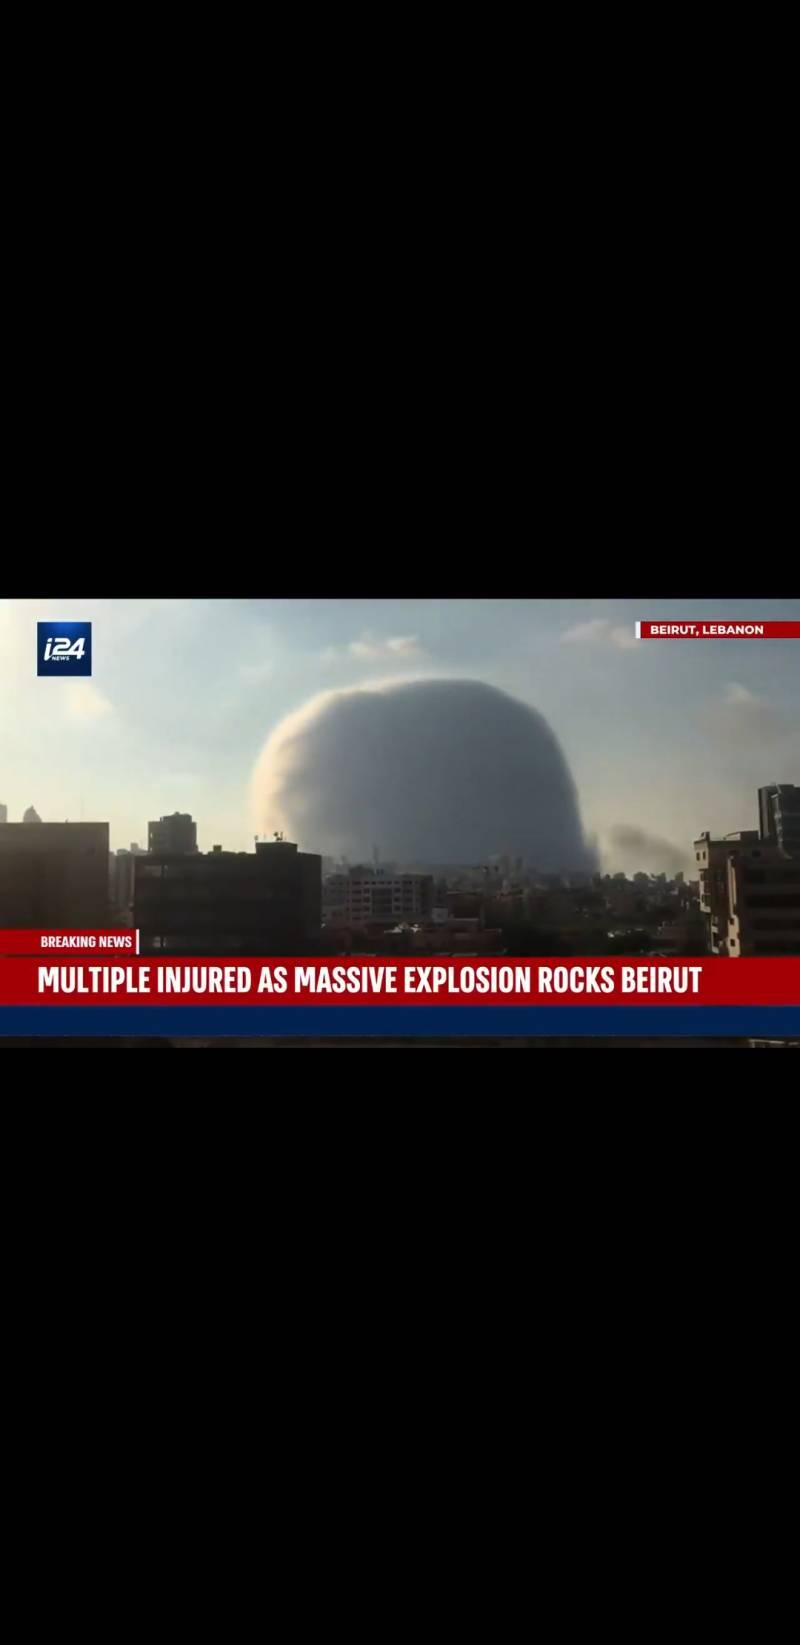 레바논 폭발사고 너무 심각하다.... | 인스티즈